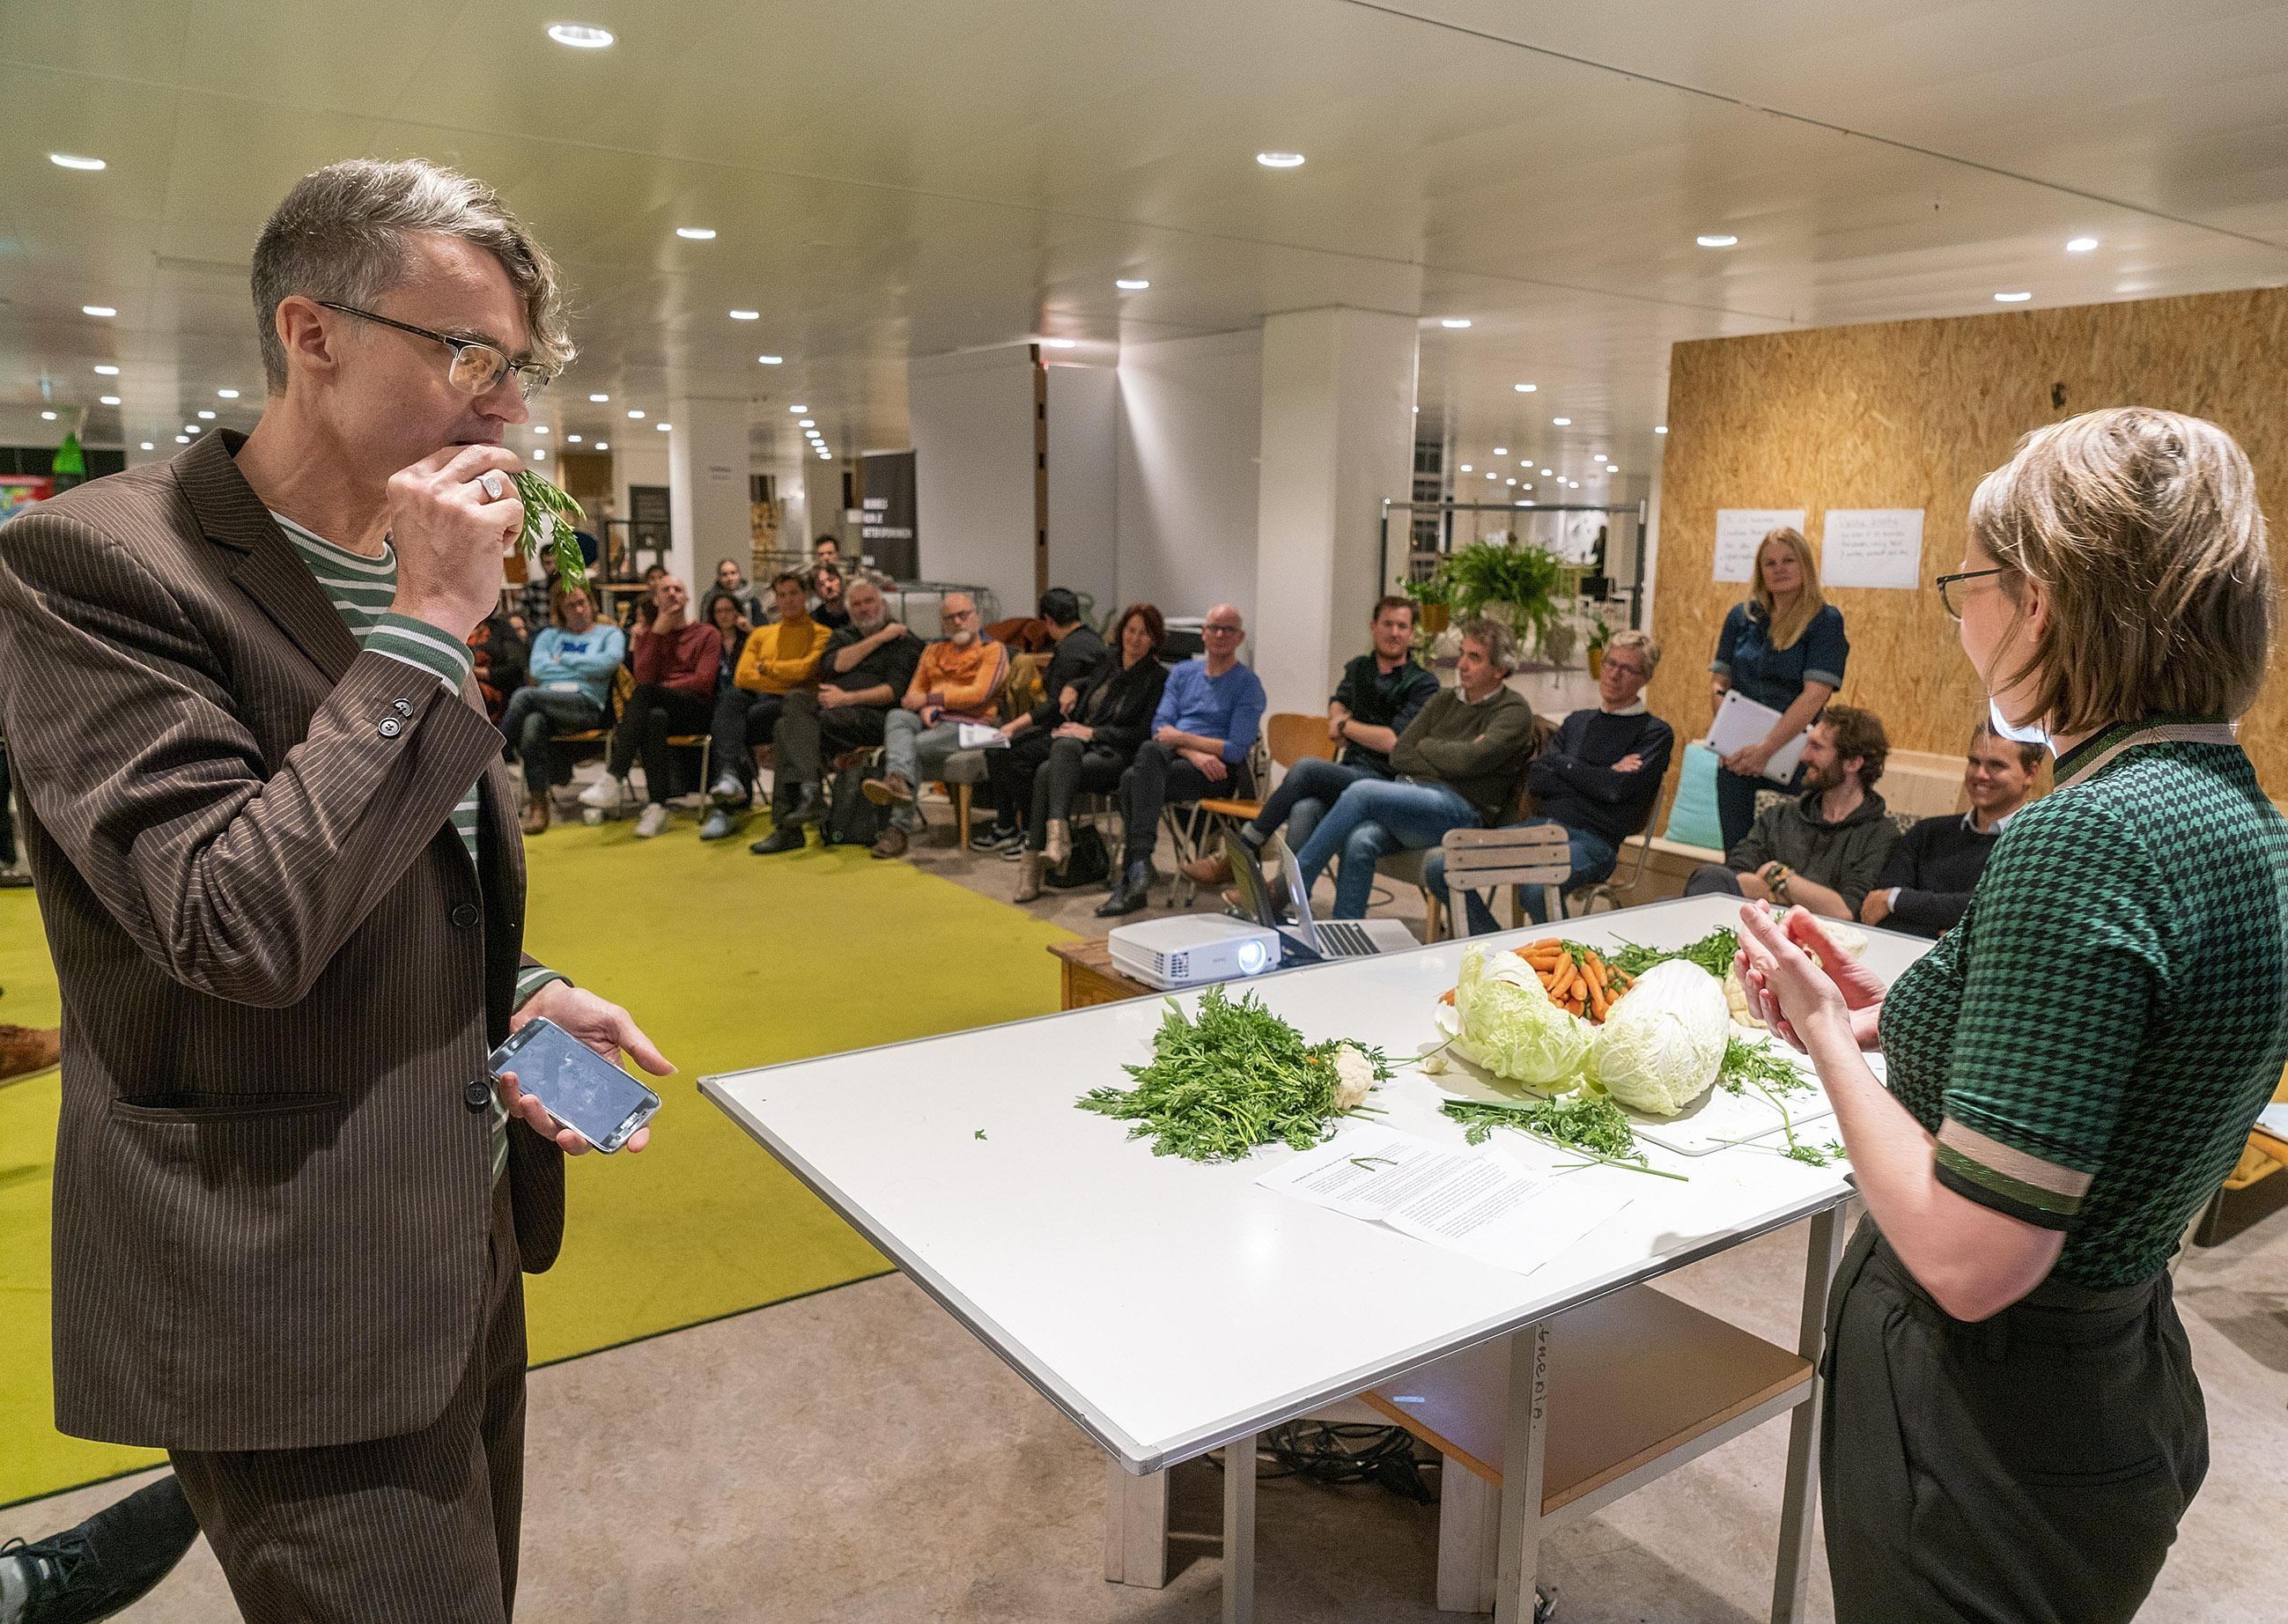 Alkmaar wijst groenste idee aan: Klikoknallers, 'No waste' of wormenpoep - Noordhollands Dagblad